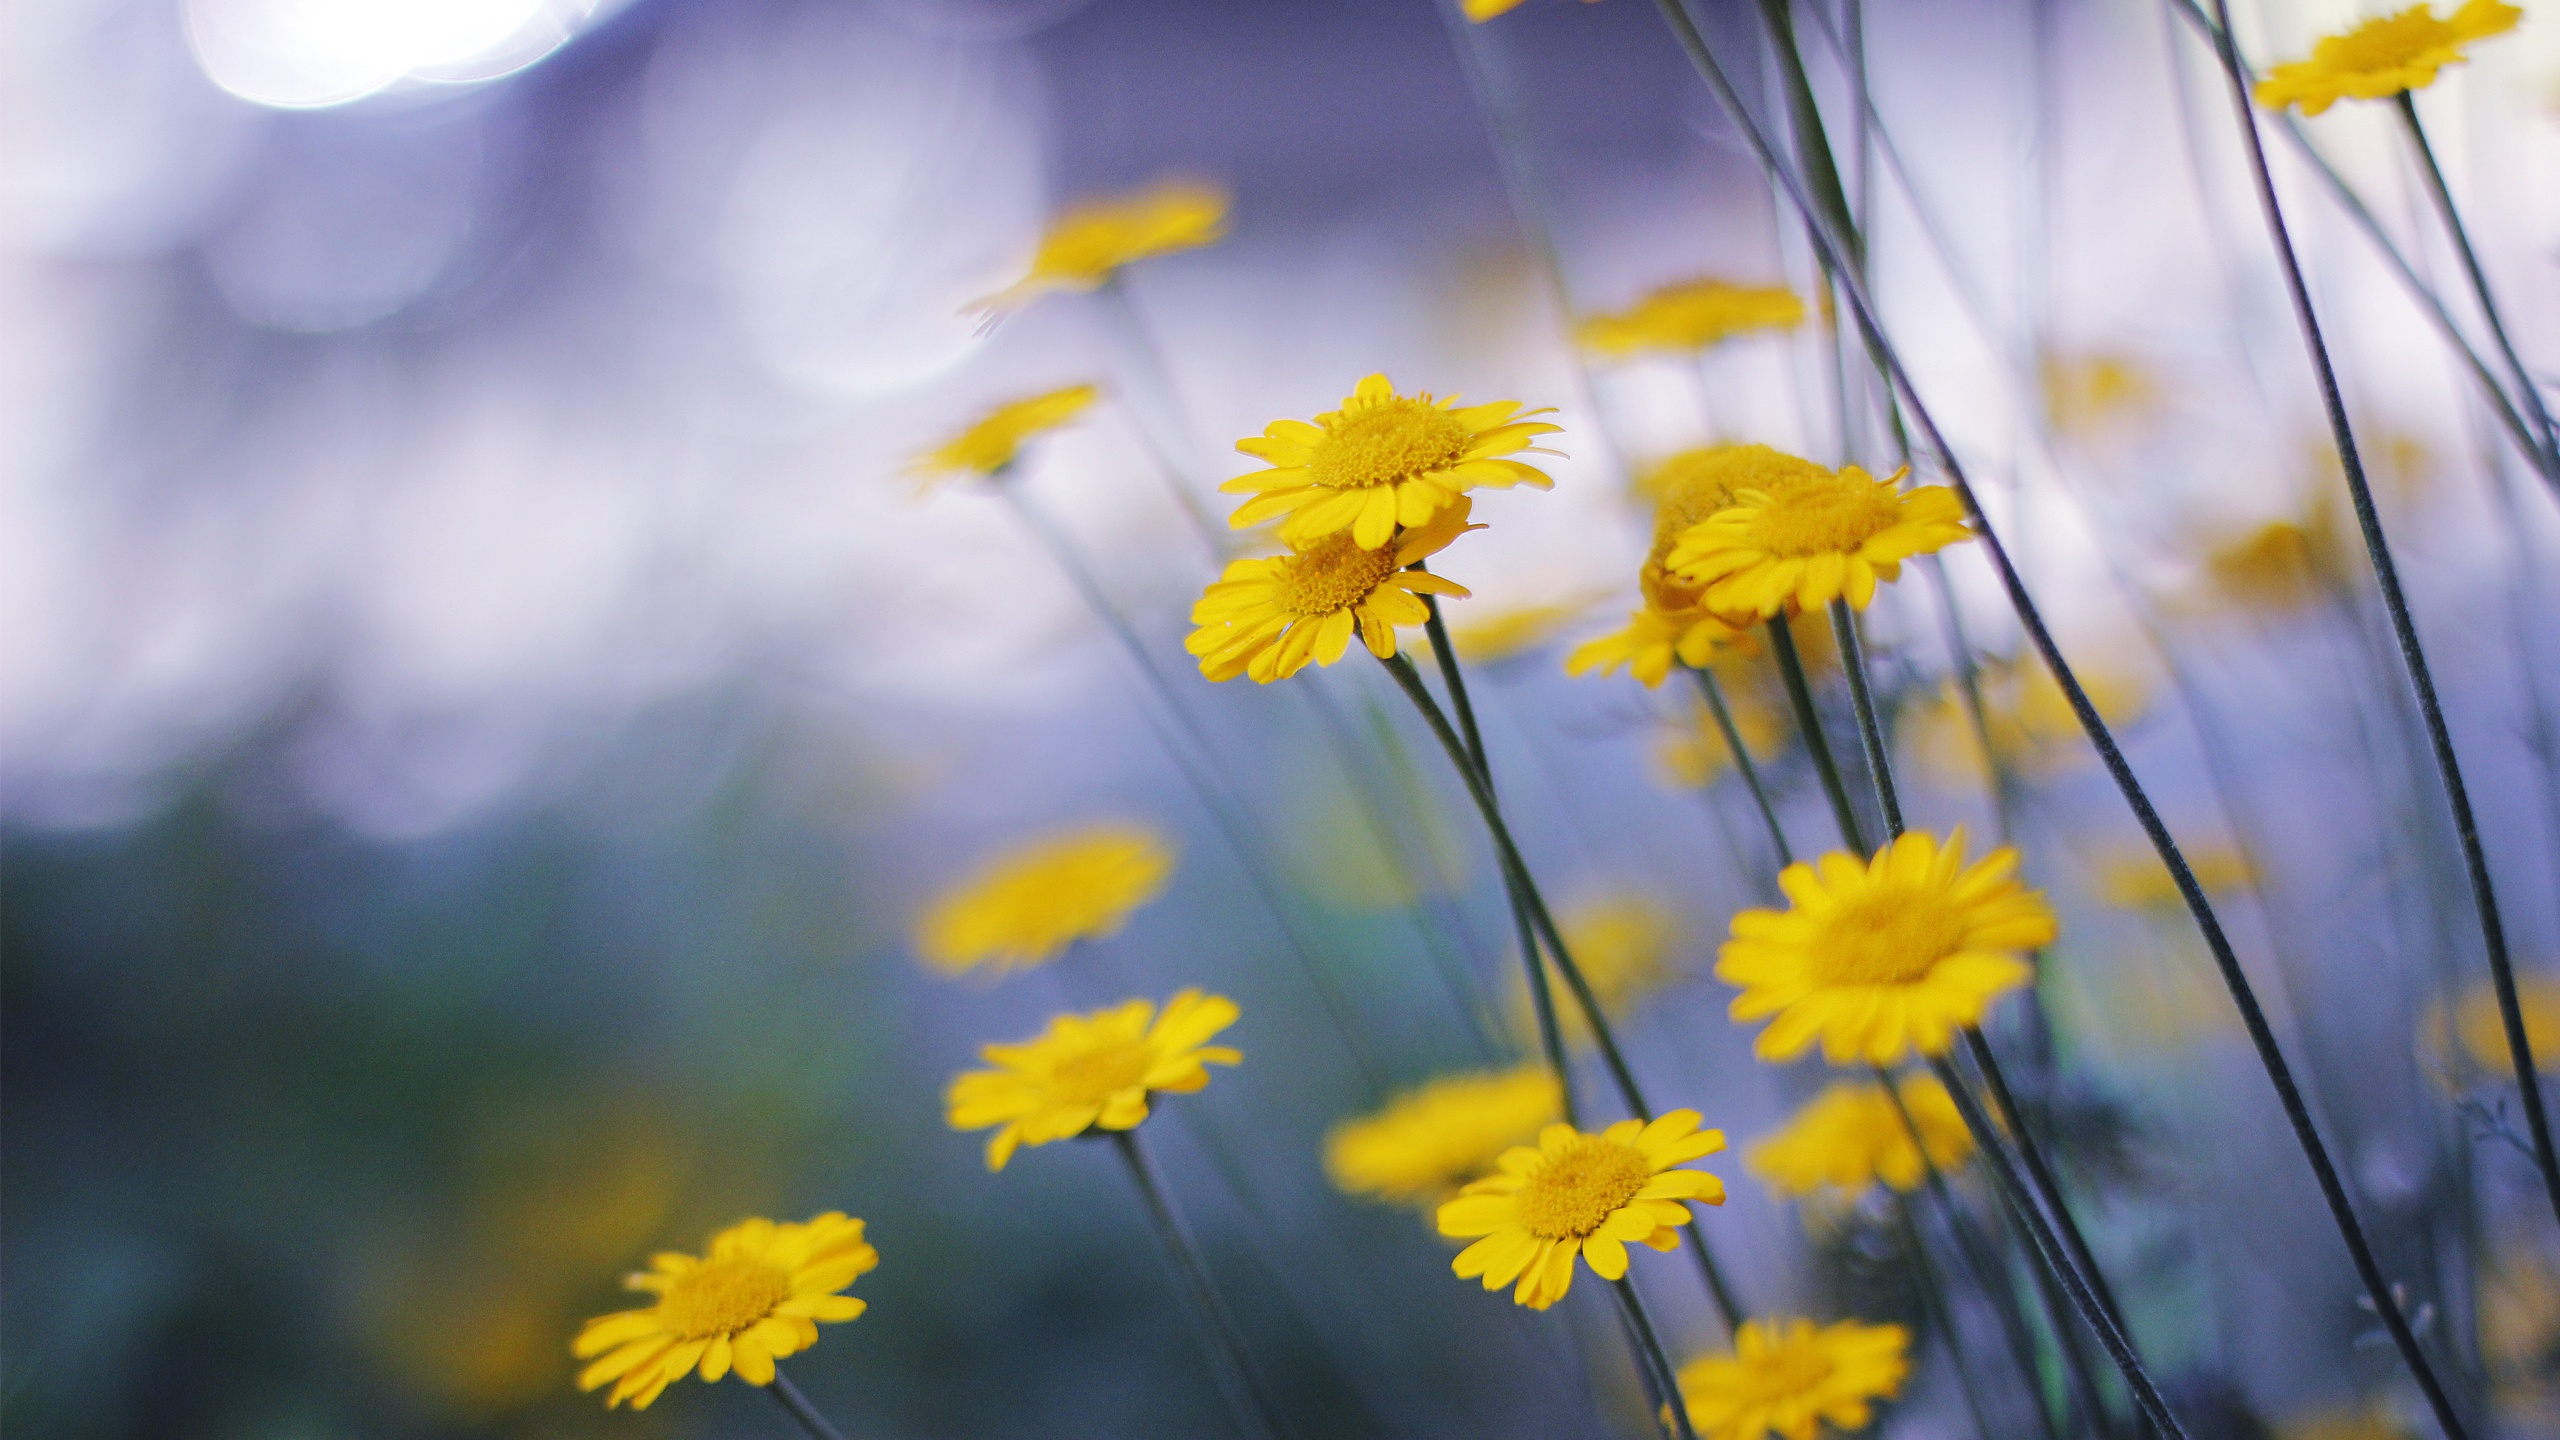 Fonds d 39 cran t l charger 2560x1440 peu de fleurs jaunes for Fond ecran qhd